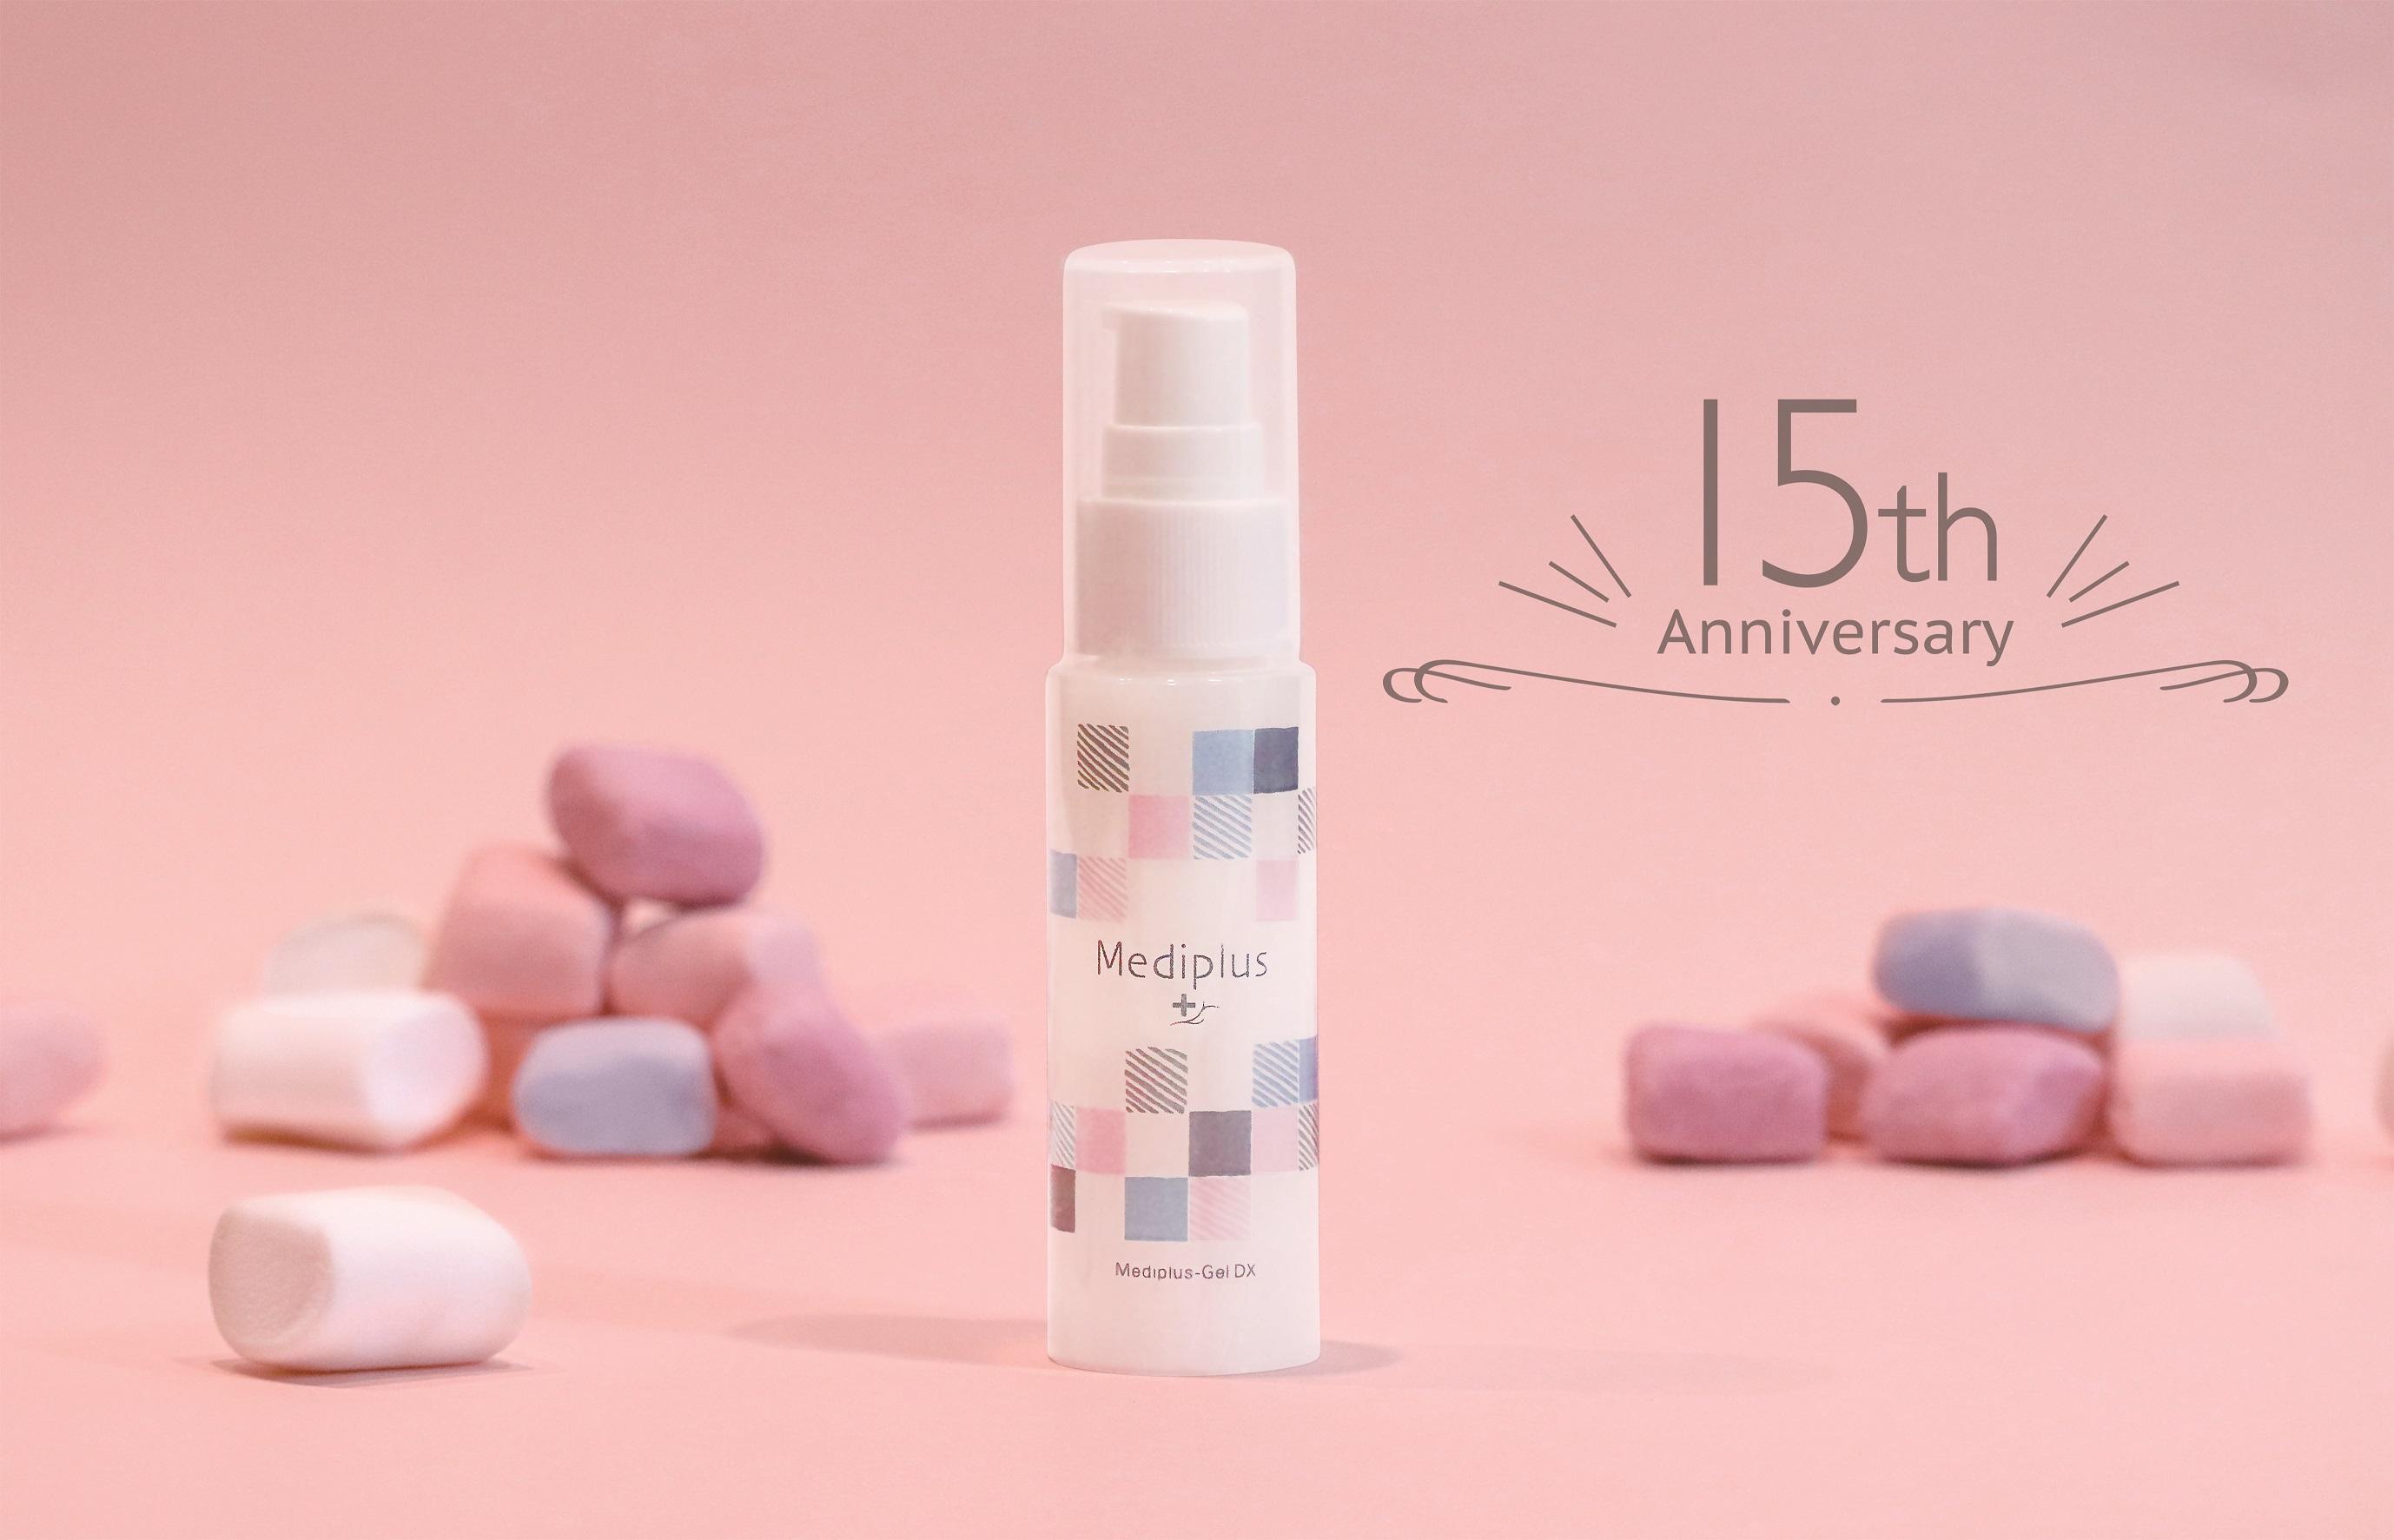 国産スキンケアブランド「メディプラス」15周年記念デザインボトル